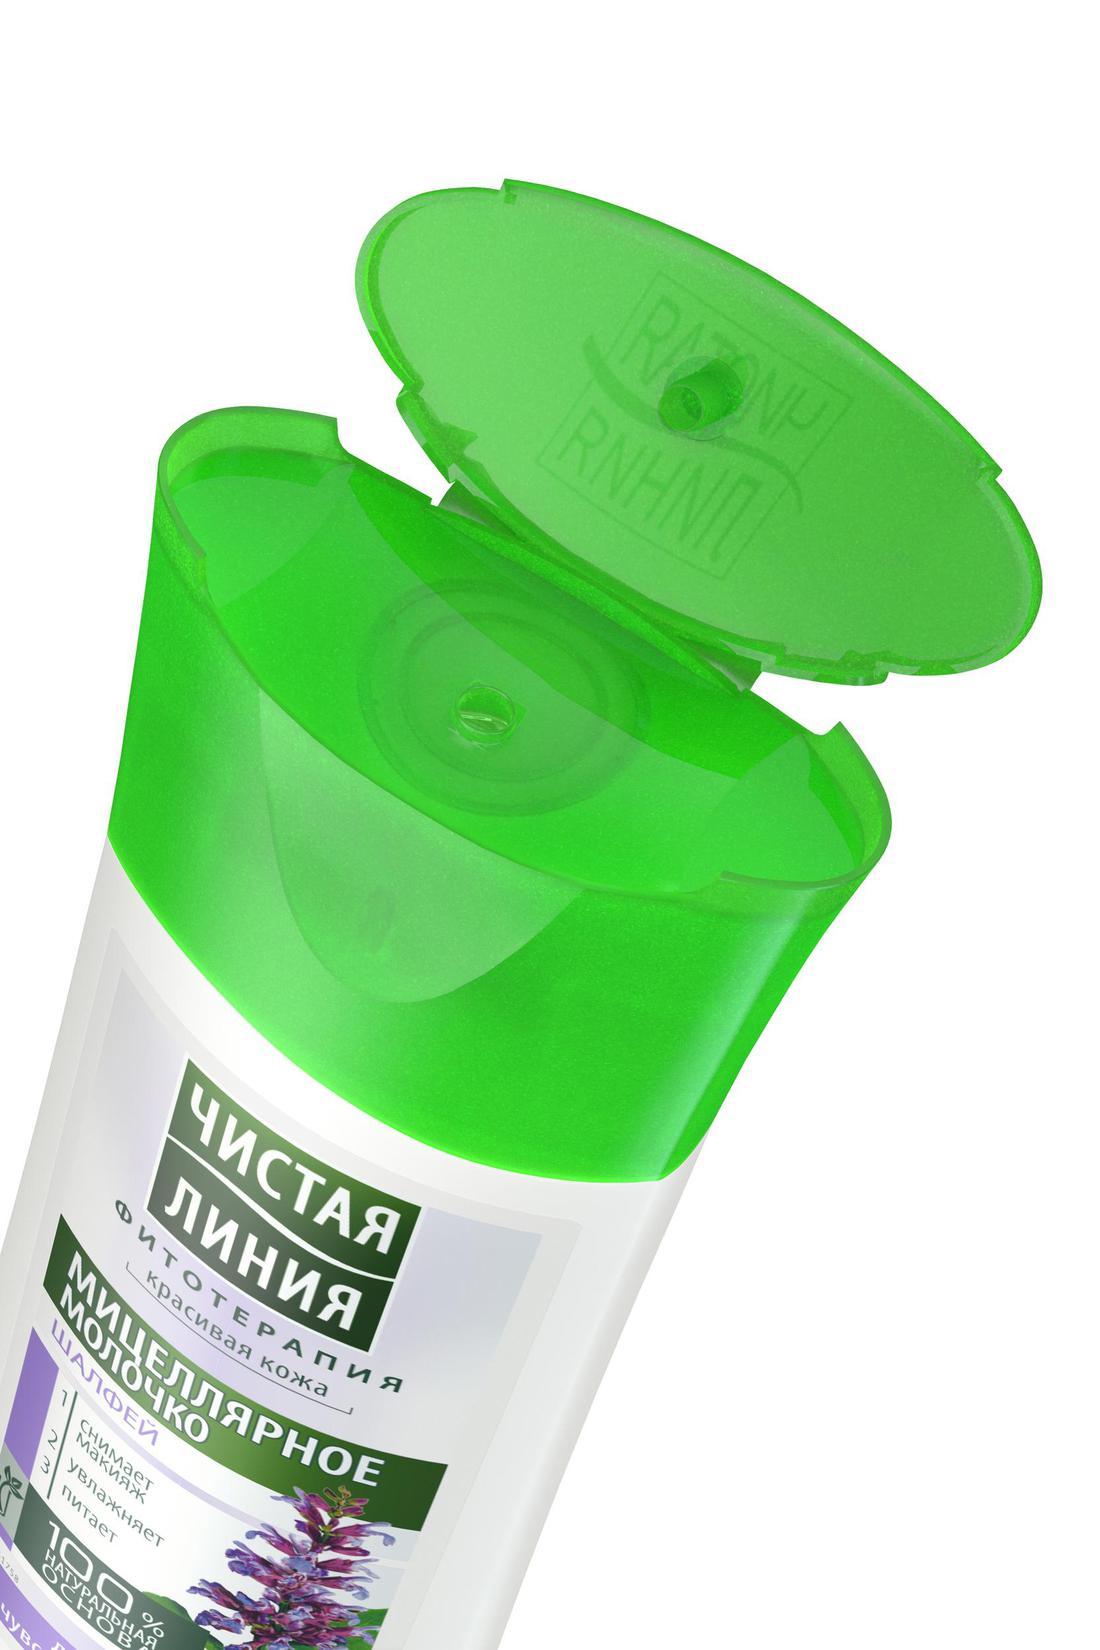 Чистая Линия Мицеллярное молочко для снятия макияжа для сухой и чувствительной кожи 100 мл